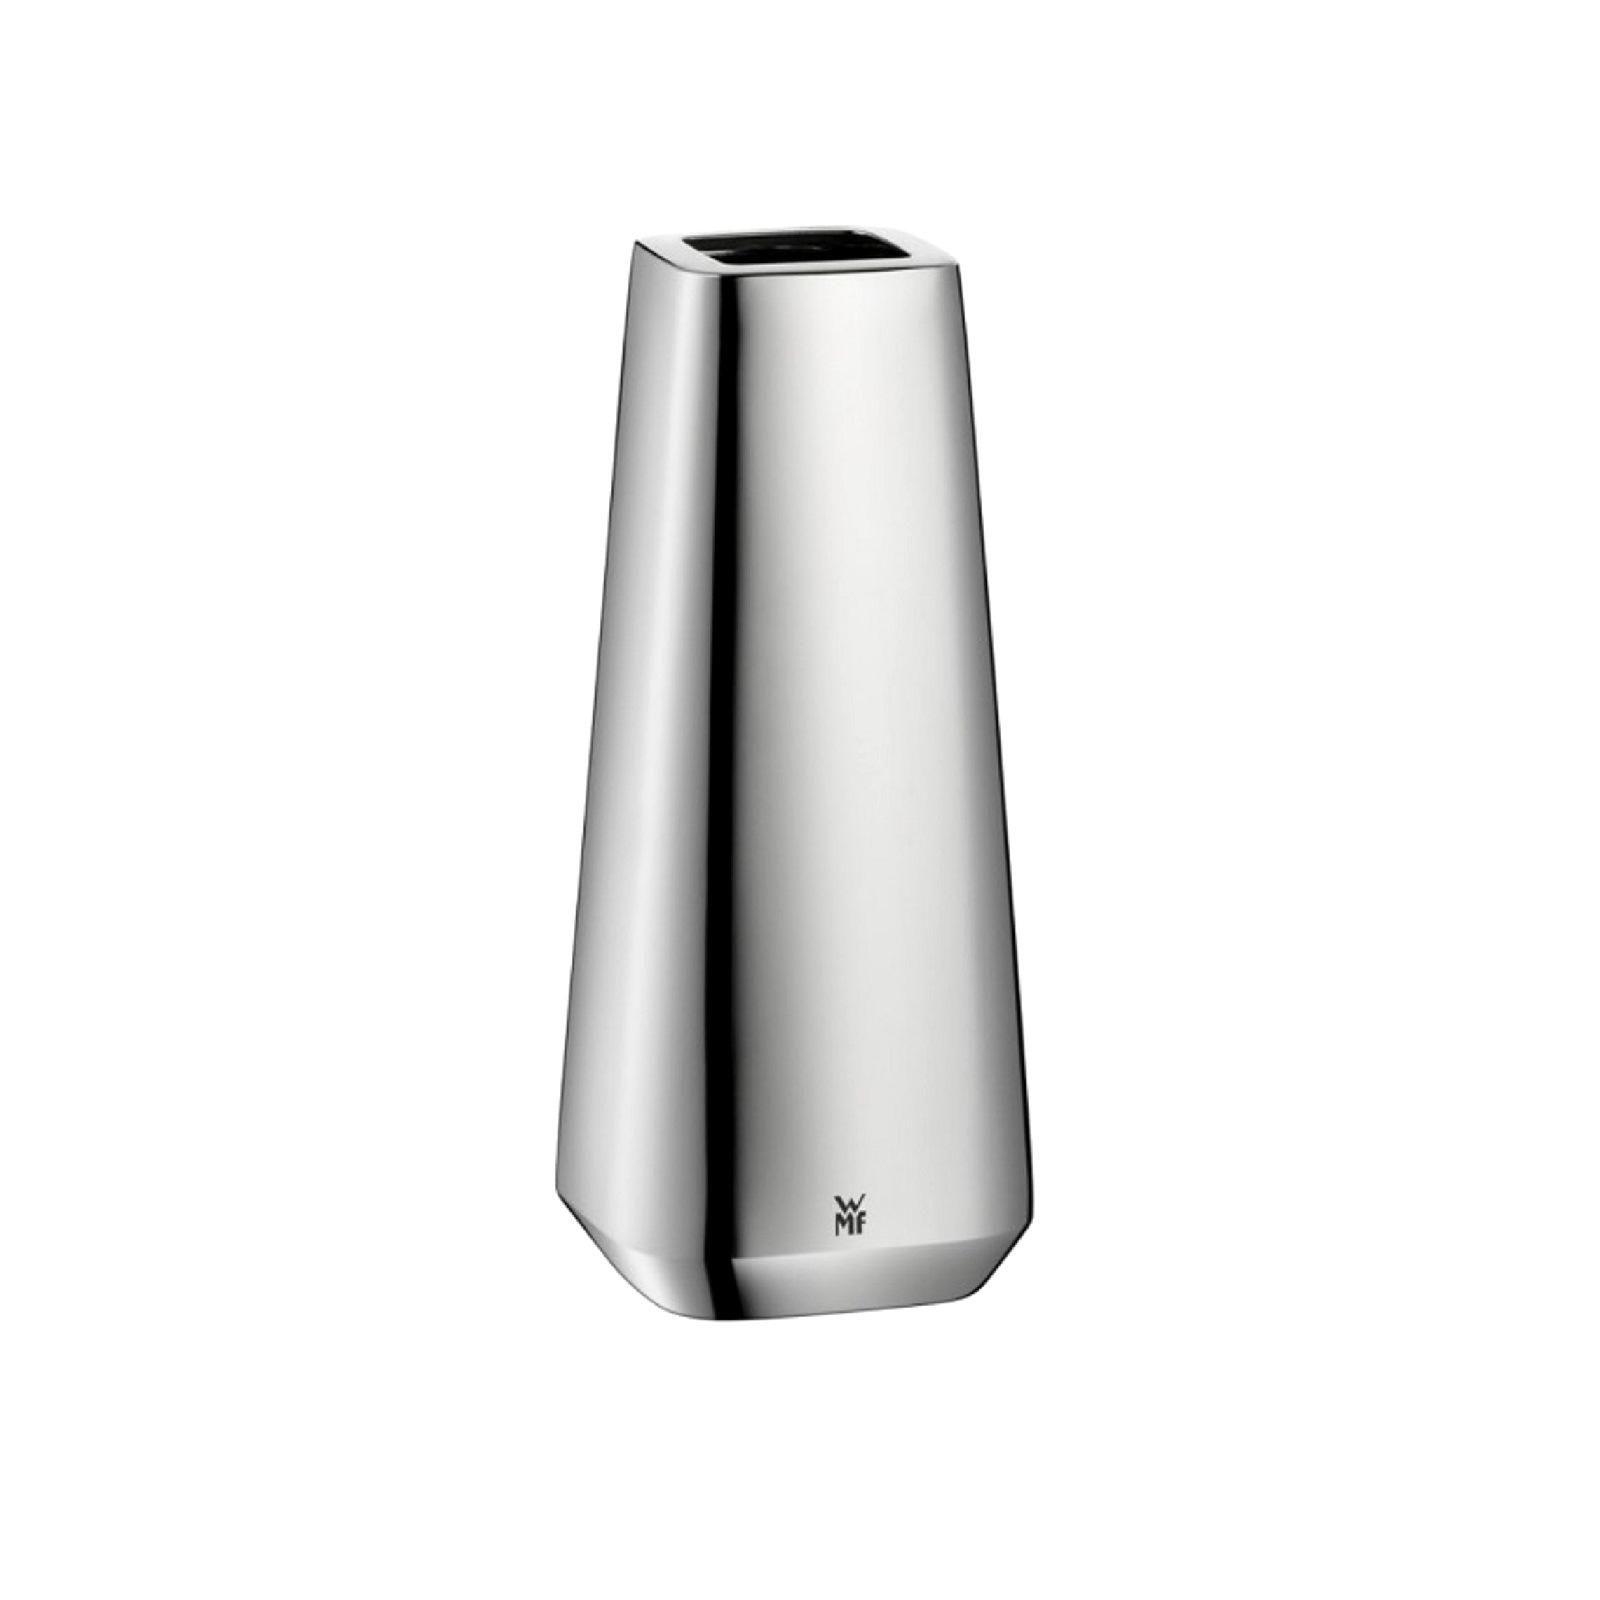 Подсвечник декоративный WMF STRATIC, высота 15 см, серебристый WMF 06 3671 6040 фото 1